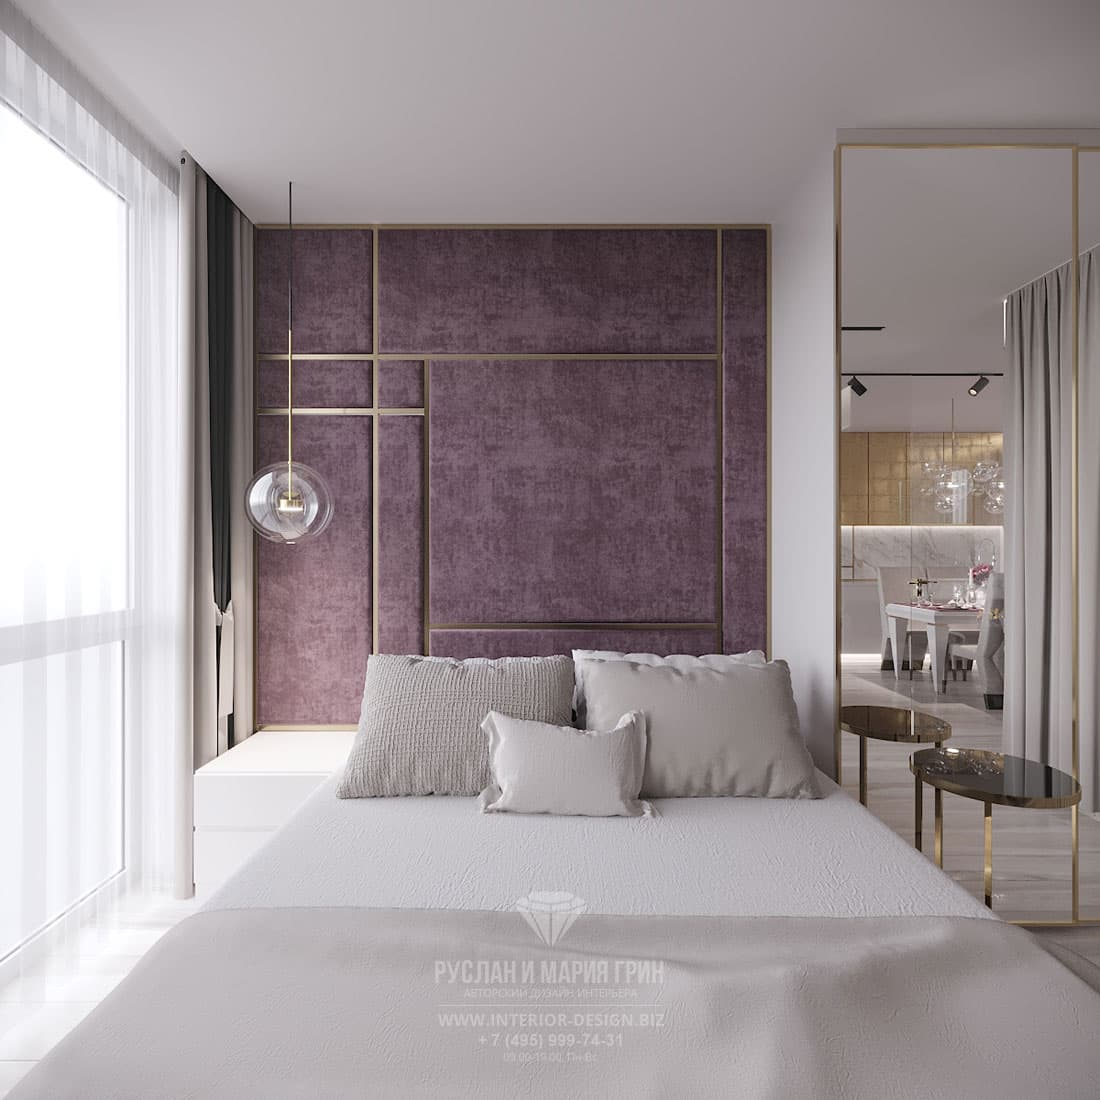 Дизайн интерьера спальни с мягким панно в изголовье кровати